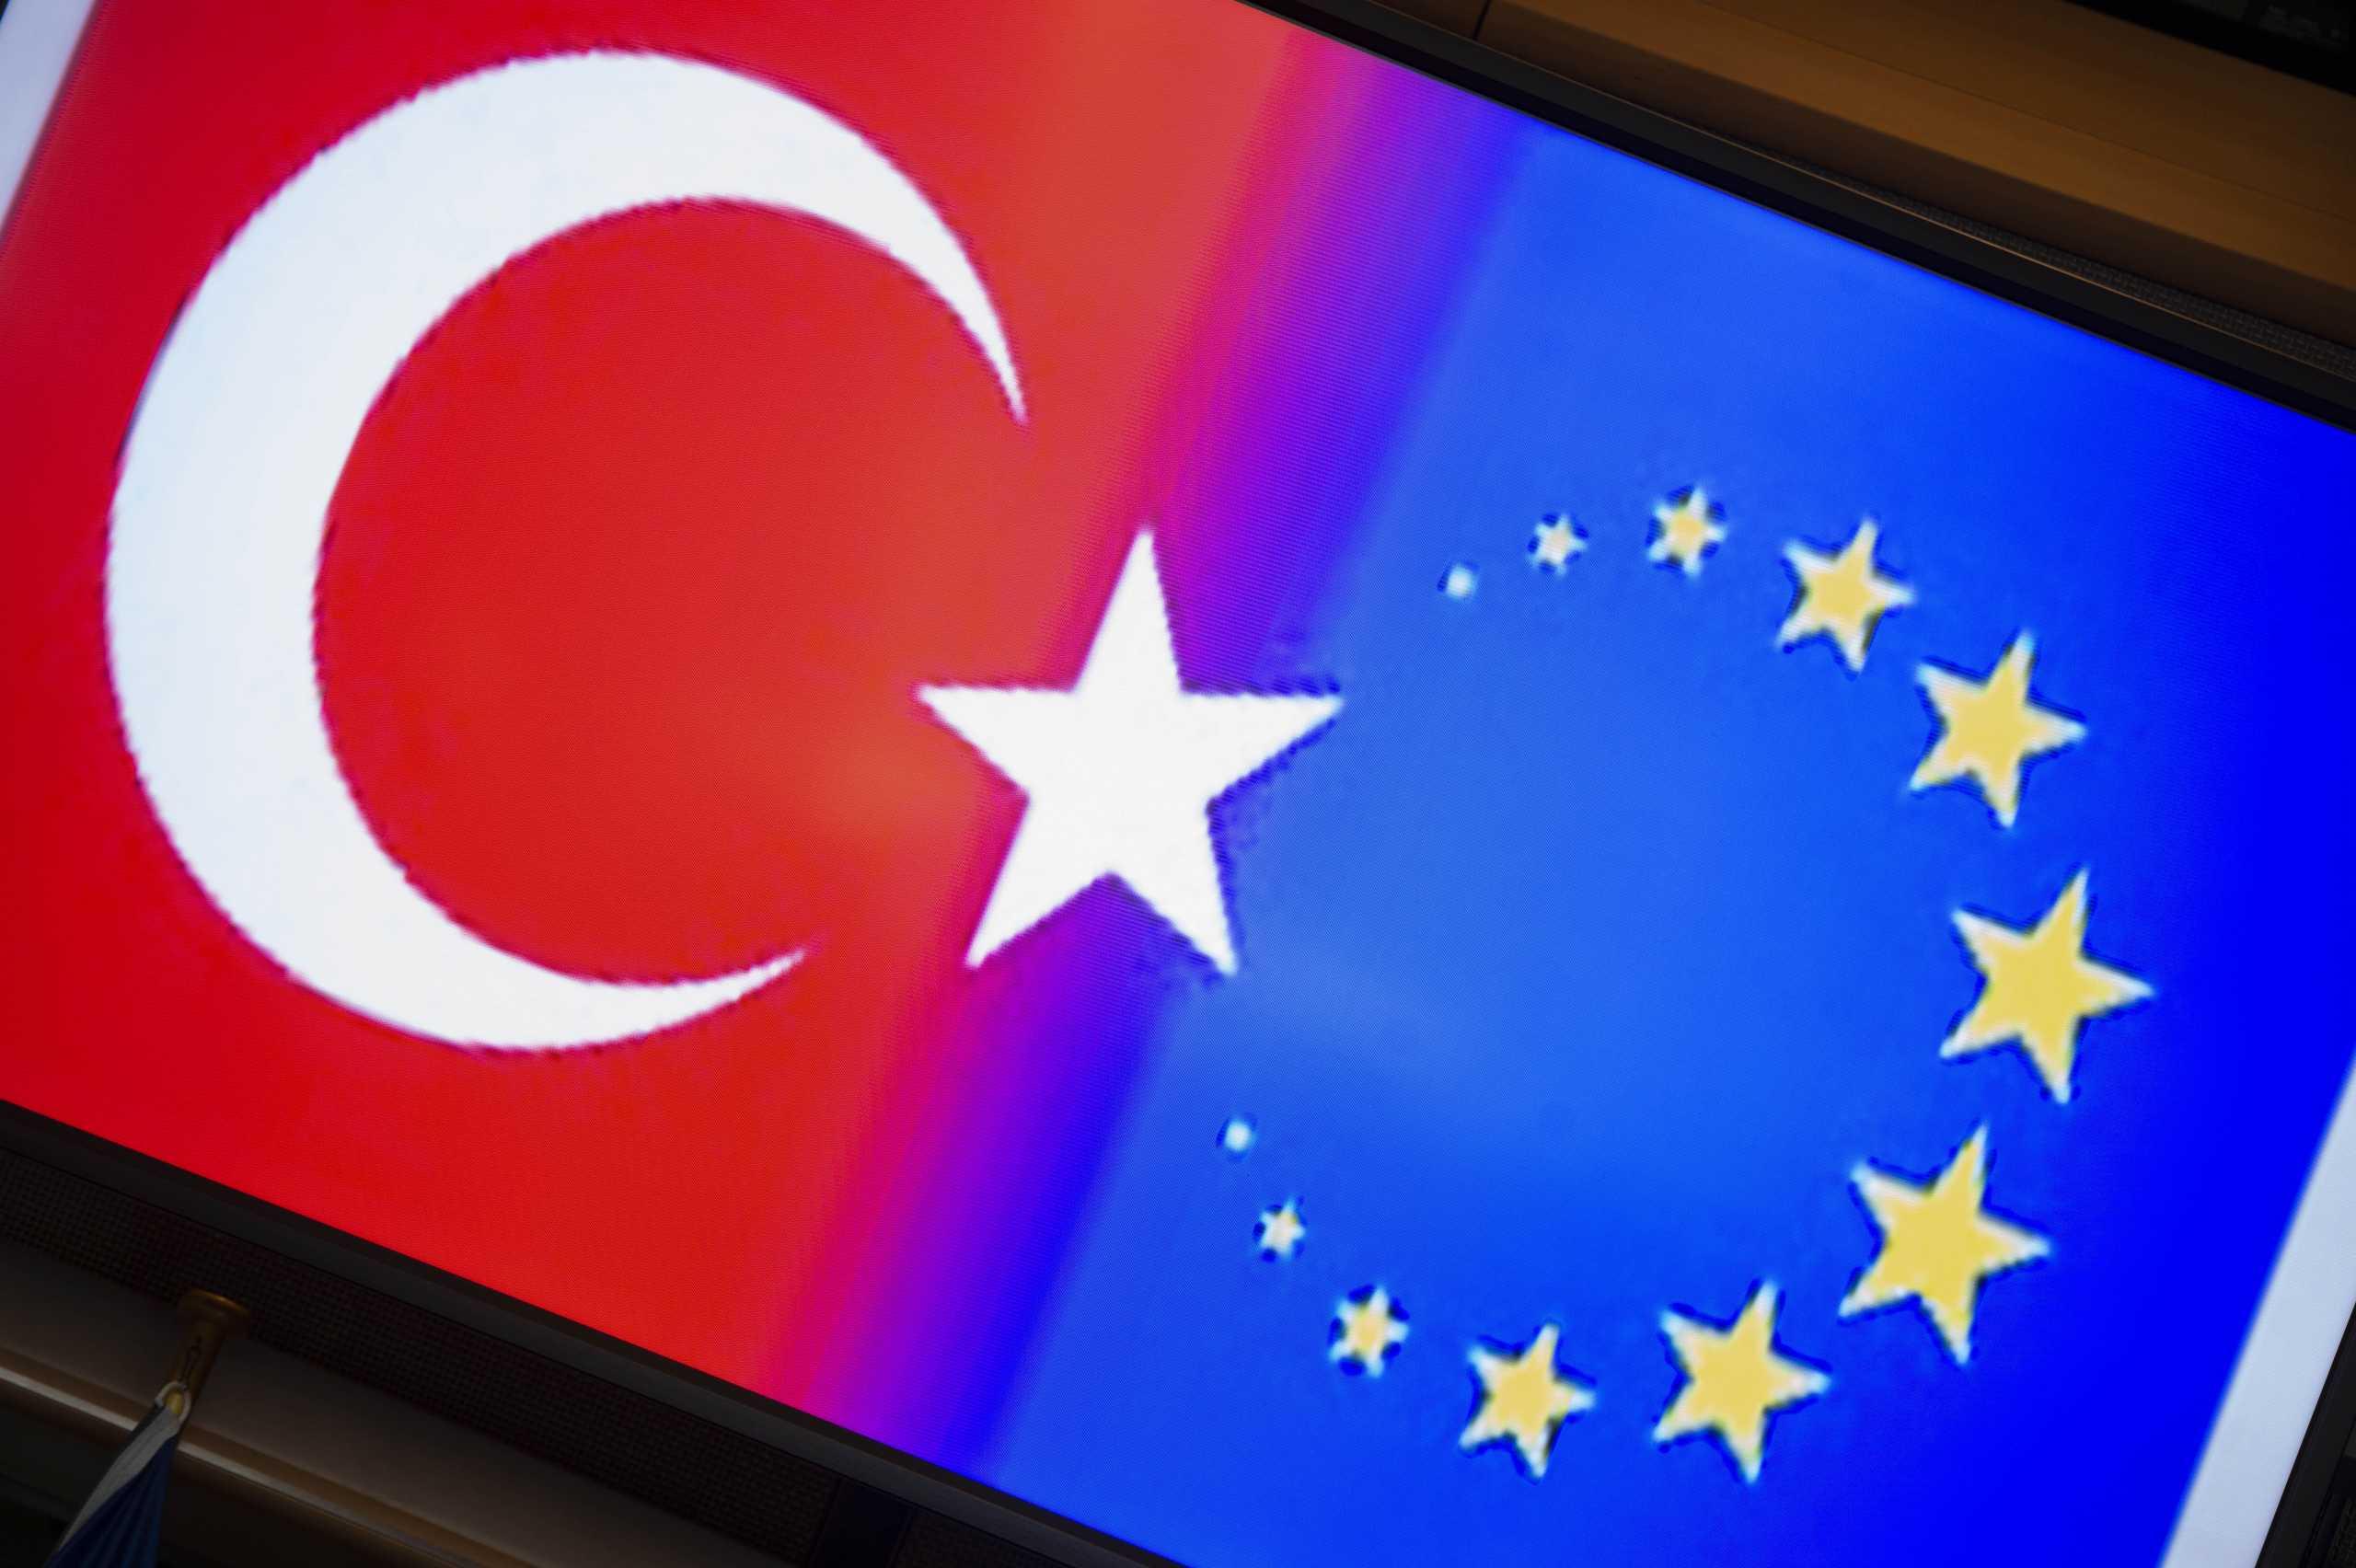 «Χαστούκι» Ε.Ε. στην Τουρκία πριν από την τηλεδιάσκεψη με Ερντογάν: «Παραμένει πηγή ανησυχίας»